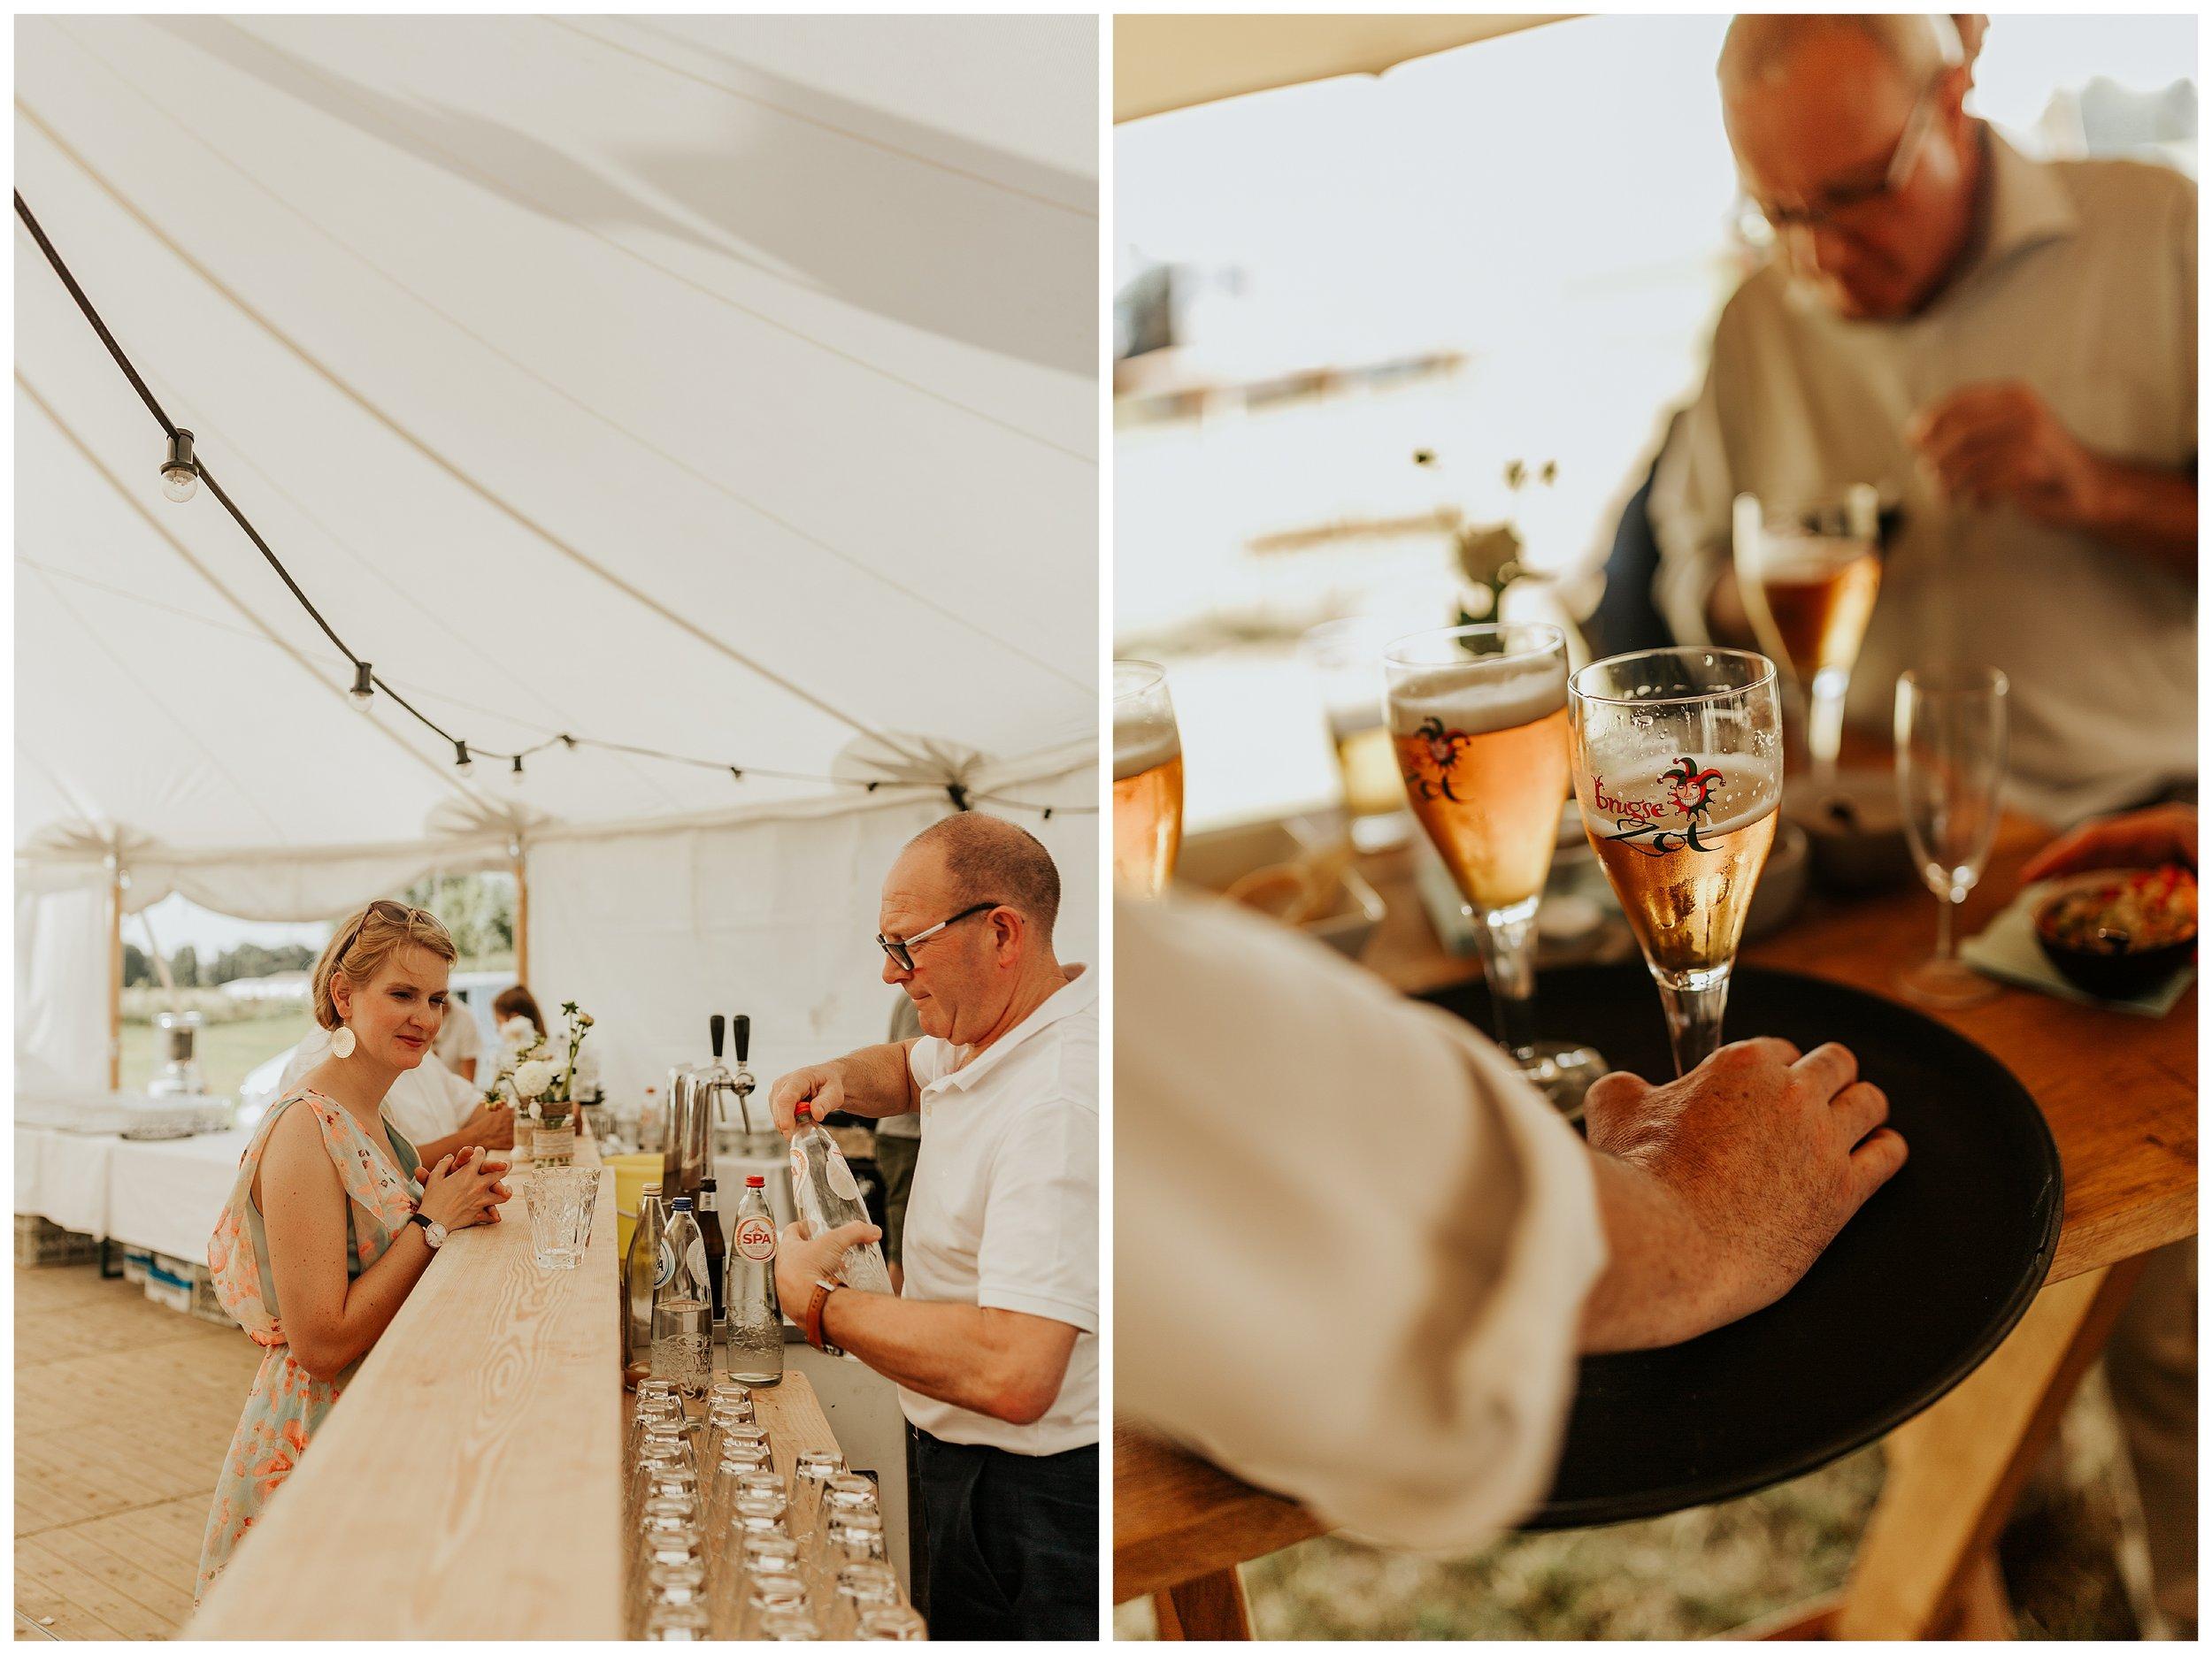 huwelijksfotograaf-huwelijksfotografie-knokke-heist-lisa-helsen-photography-trouwfotograaf-trouwfoto-sabine-pieter_0018.jpg